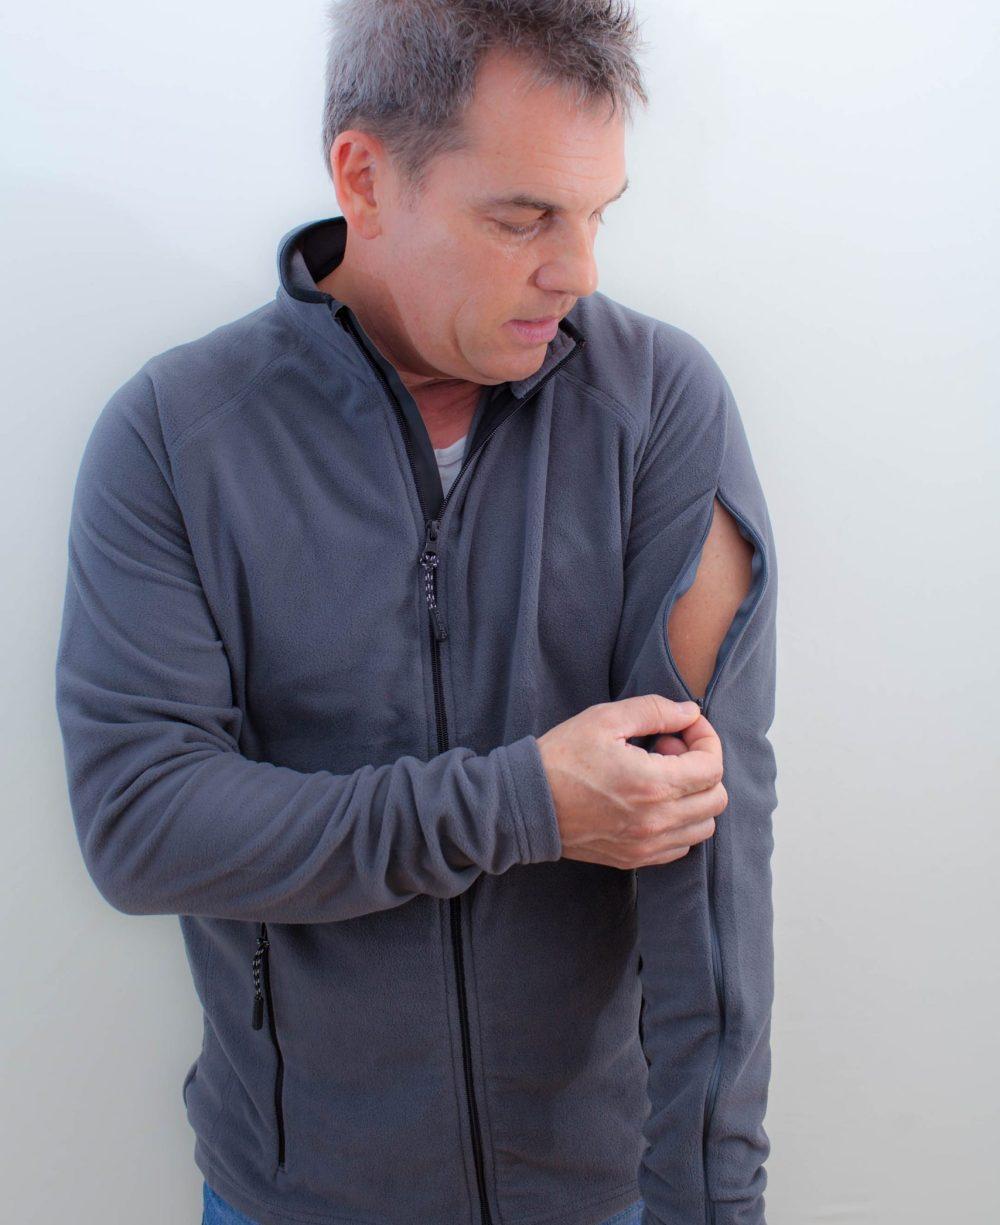 grau-Herrenfleece-für-dialysepatienten-mit-individuellem-reißverschluss-diazipp-2